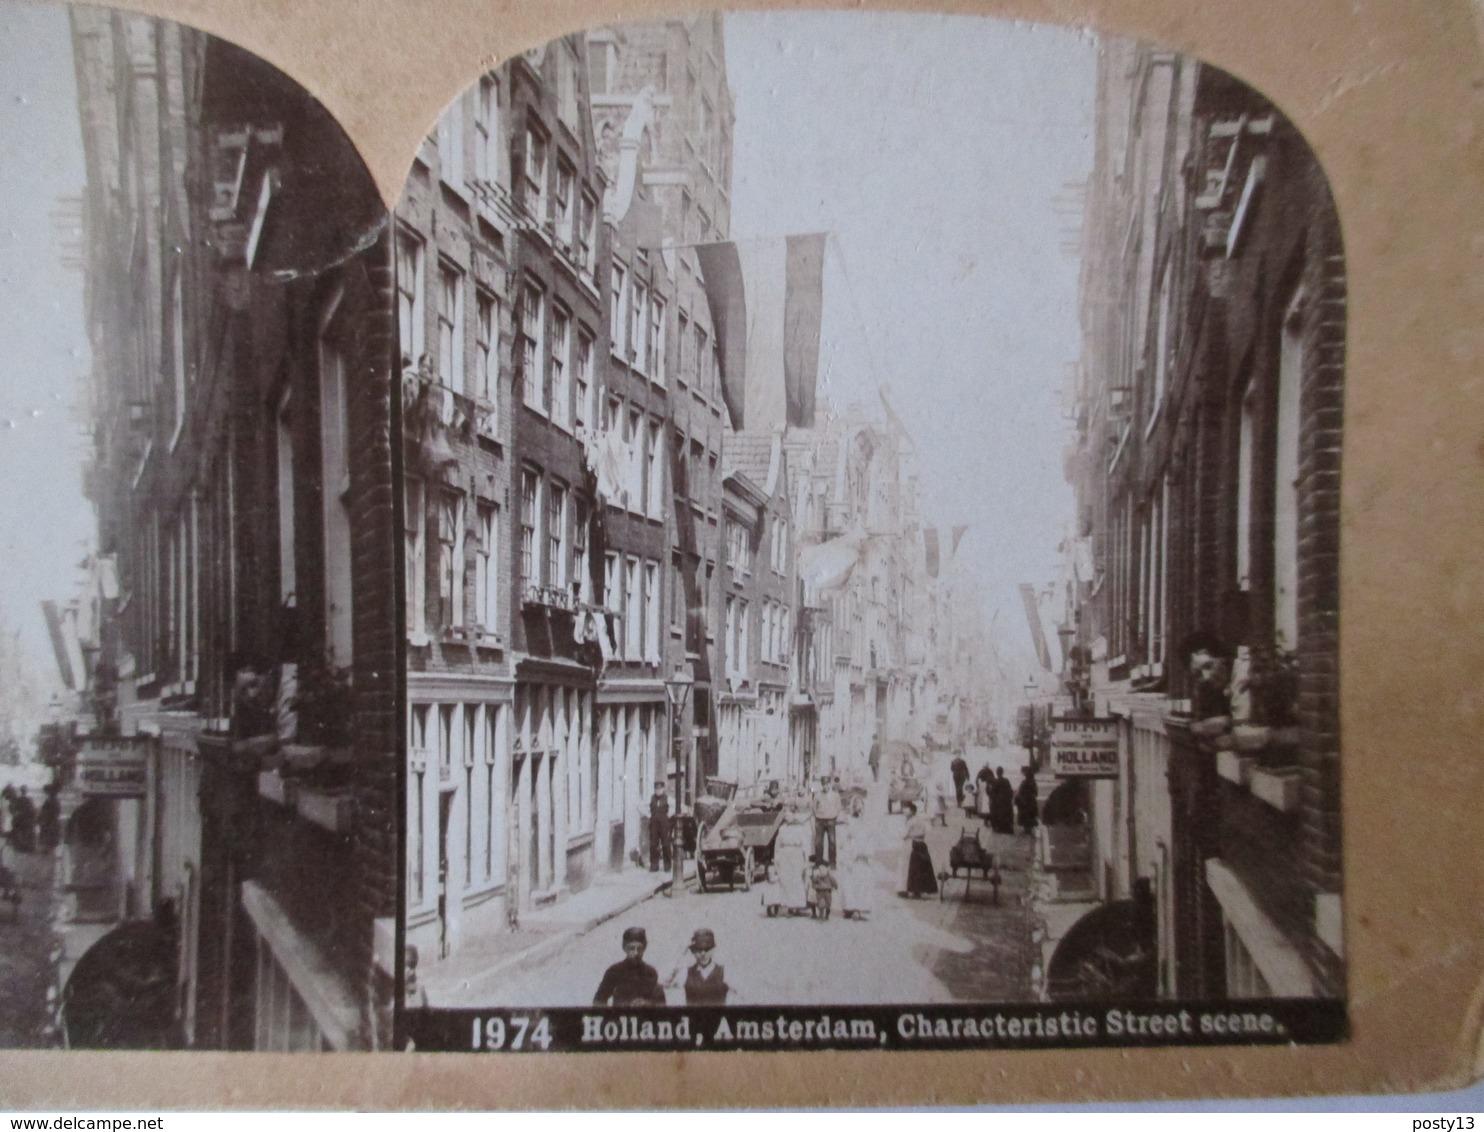 PAYS BAS - AMSTERDAM - Vue D'une Rue - Photographie Stéréoscopique - TBE - Photos Stéréoscopiques